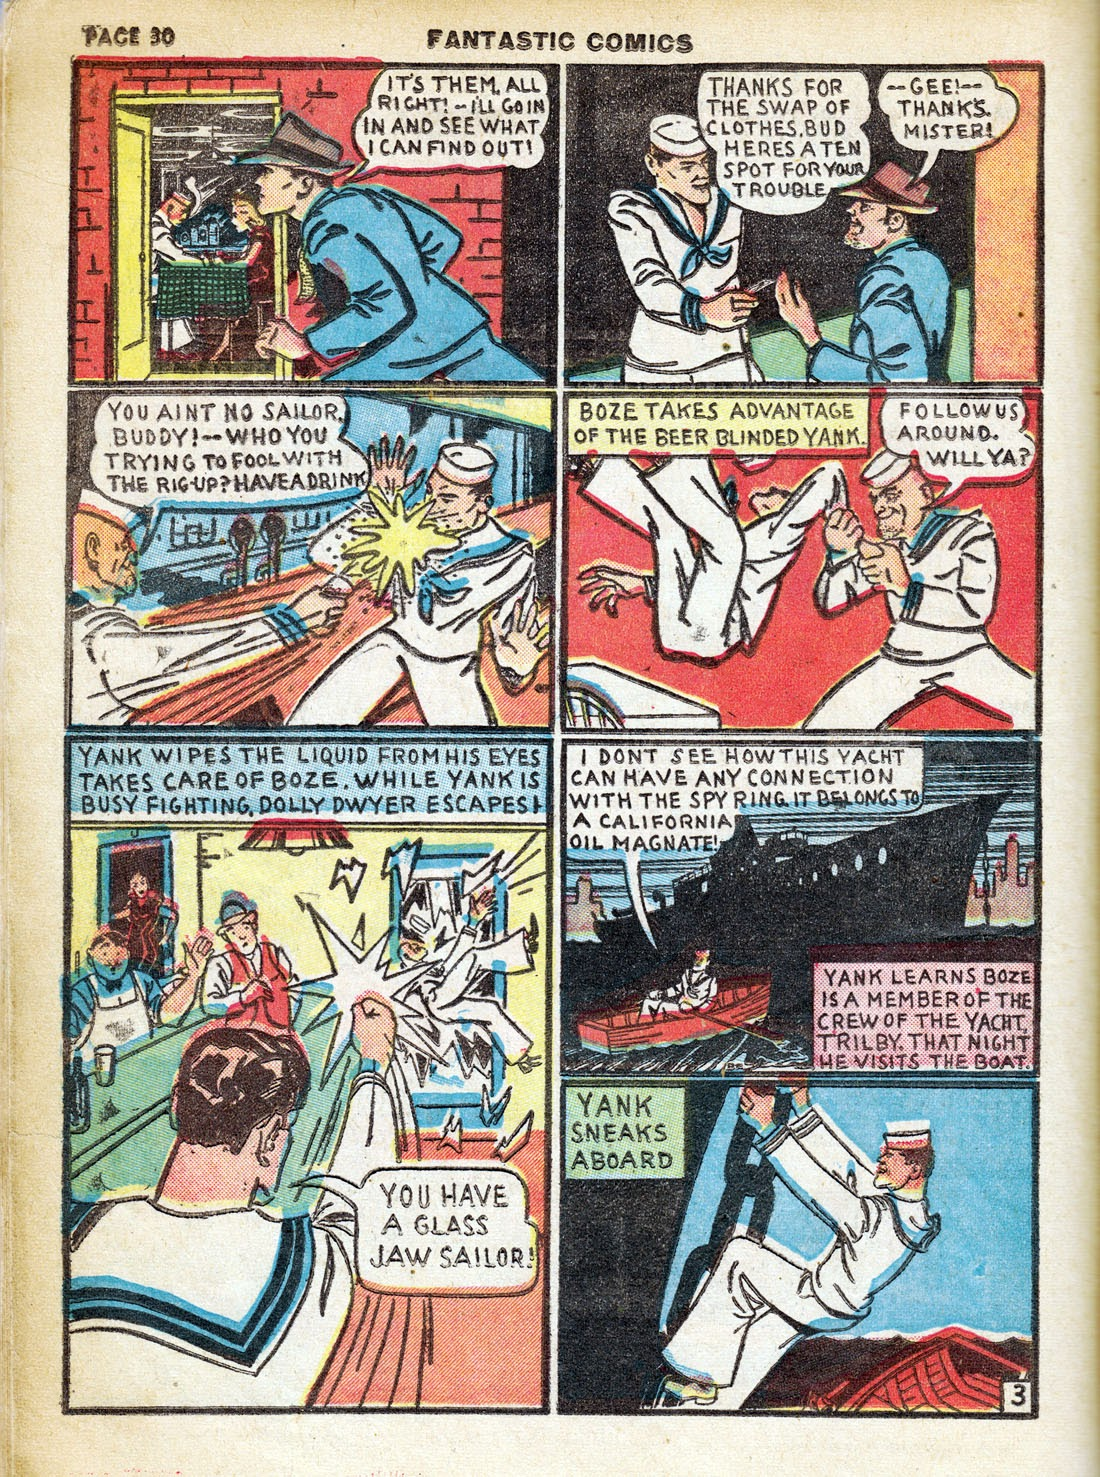 Read online Fantastic Comics comic -  Issue #7 - 32